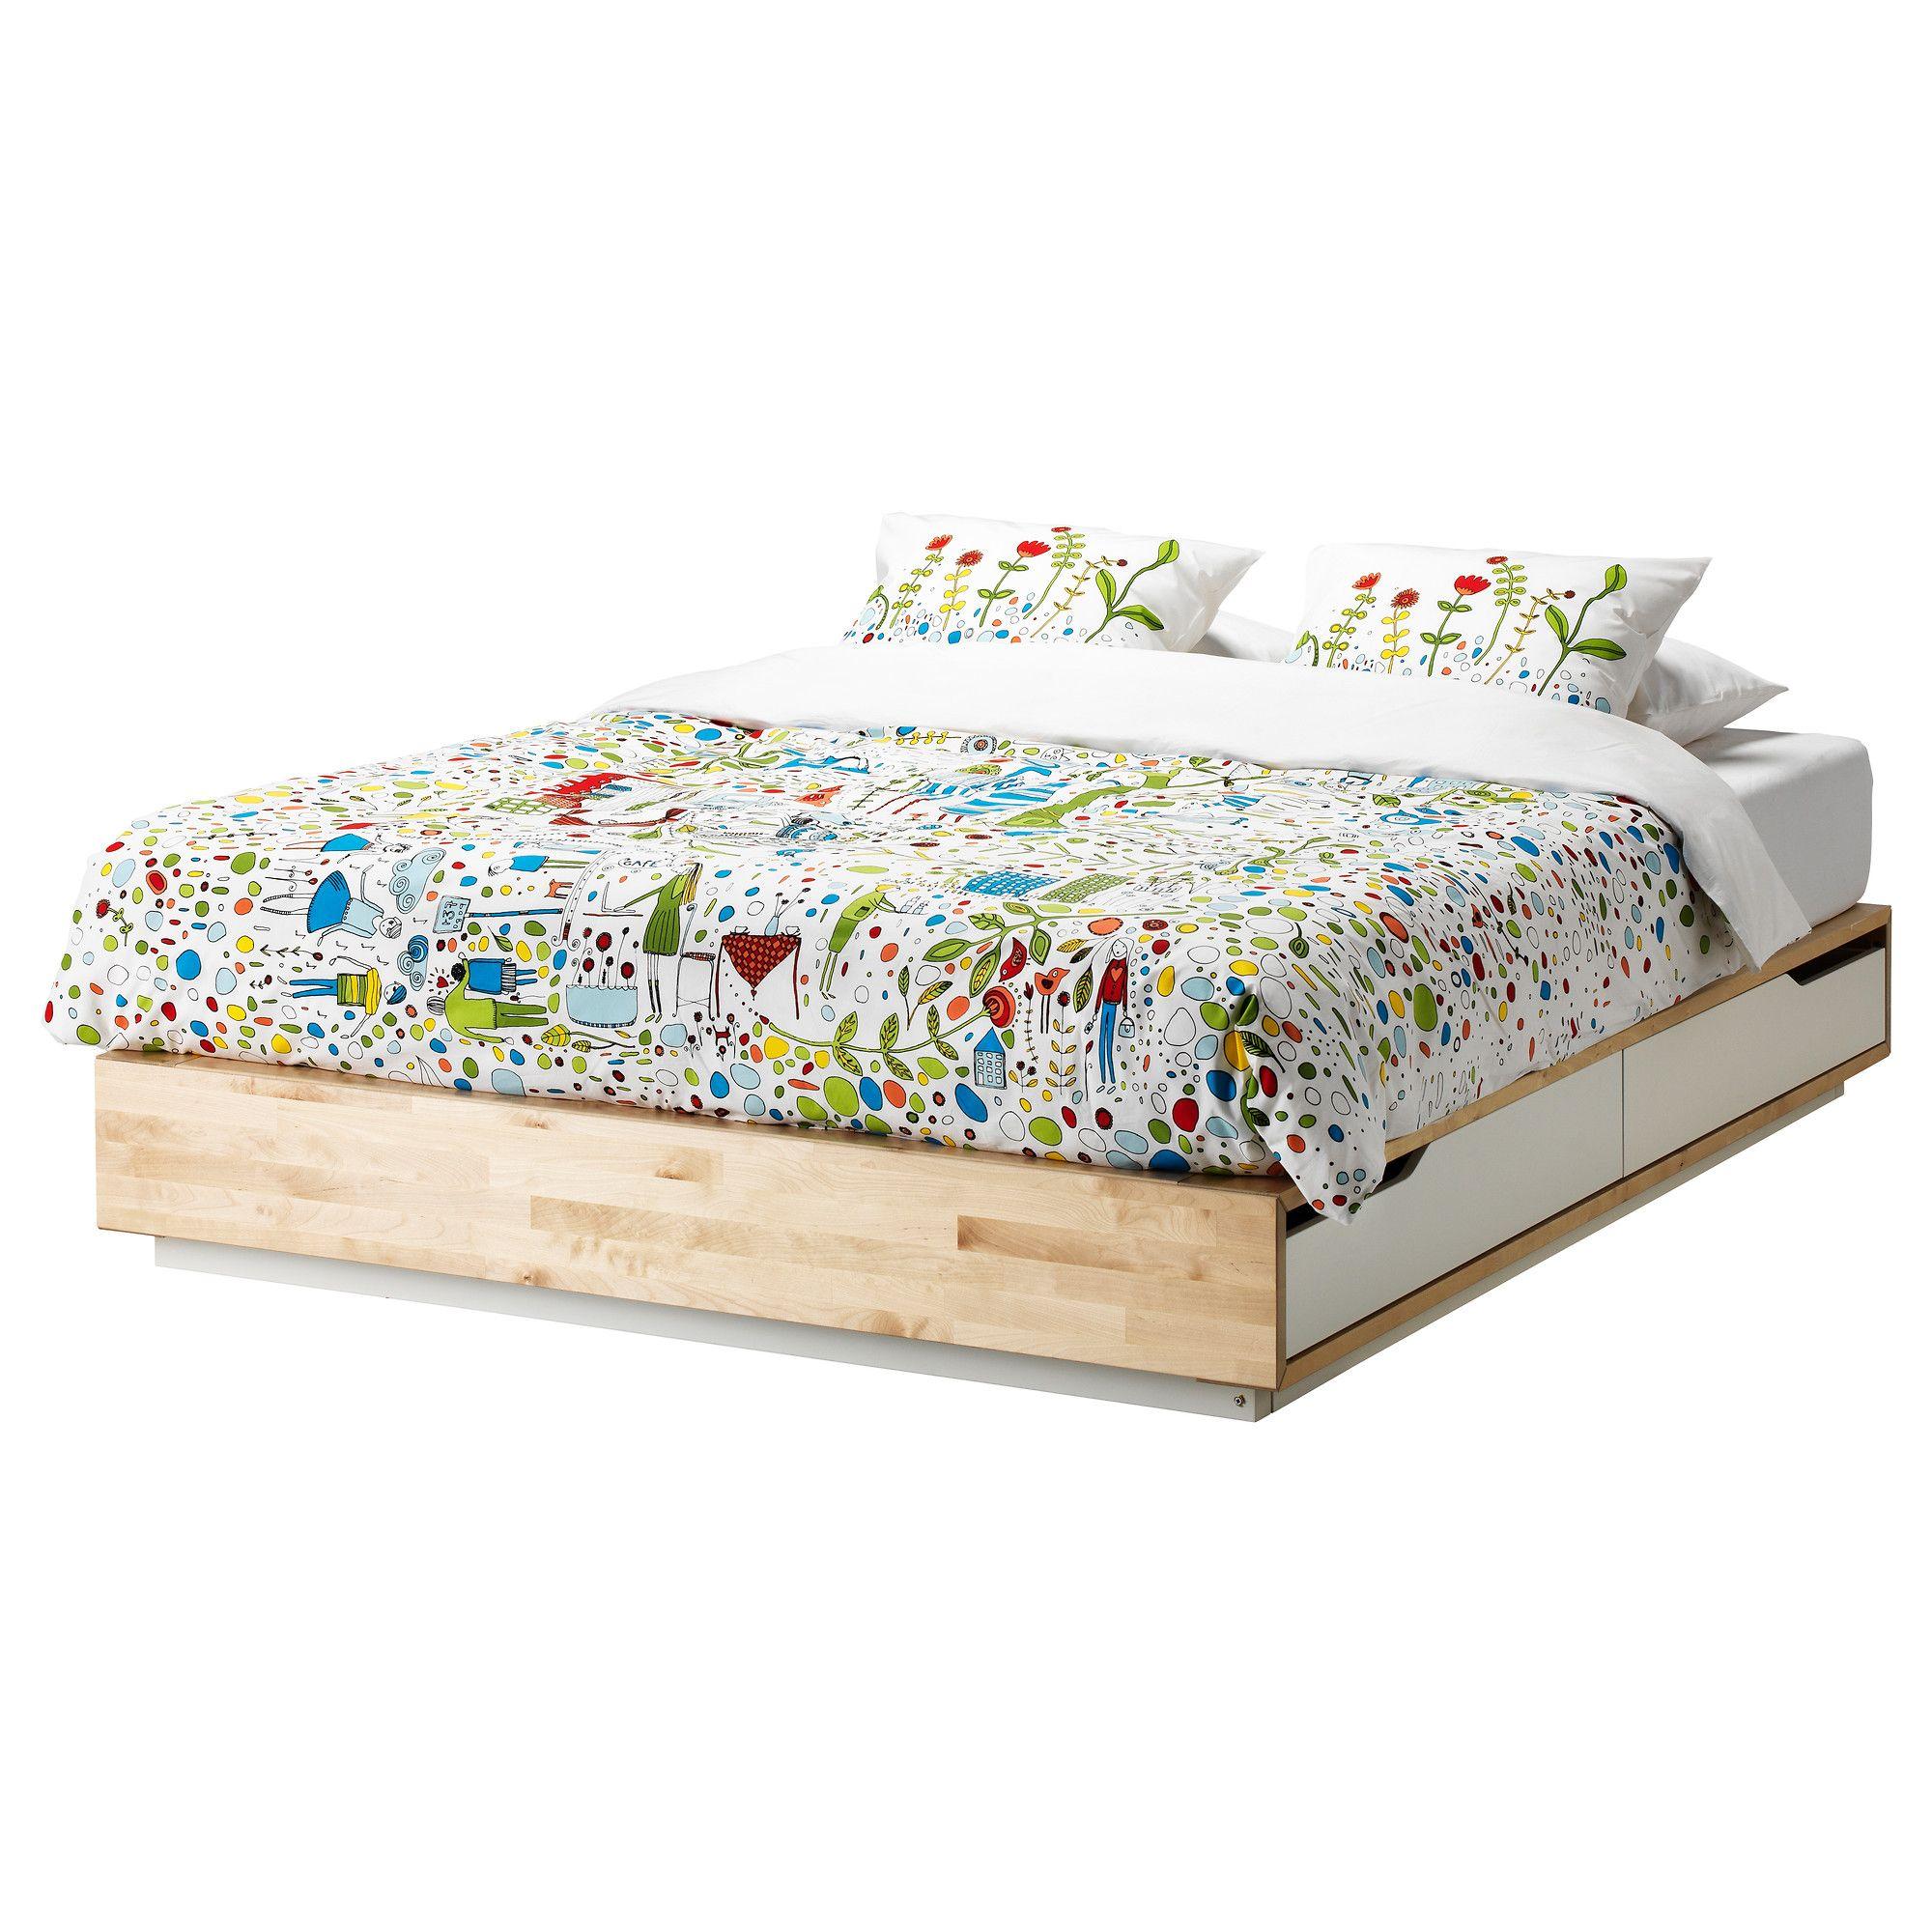 MANDAL Estructura cama - 160x202 cm - IKEA | Decoración | Pinterest ...